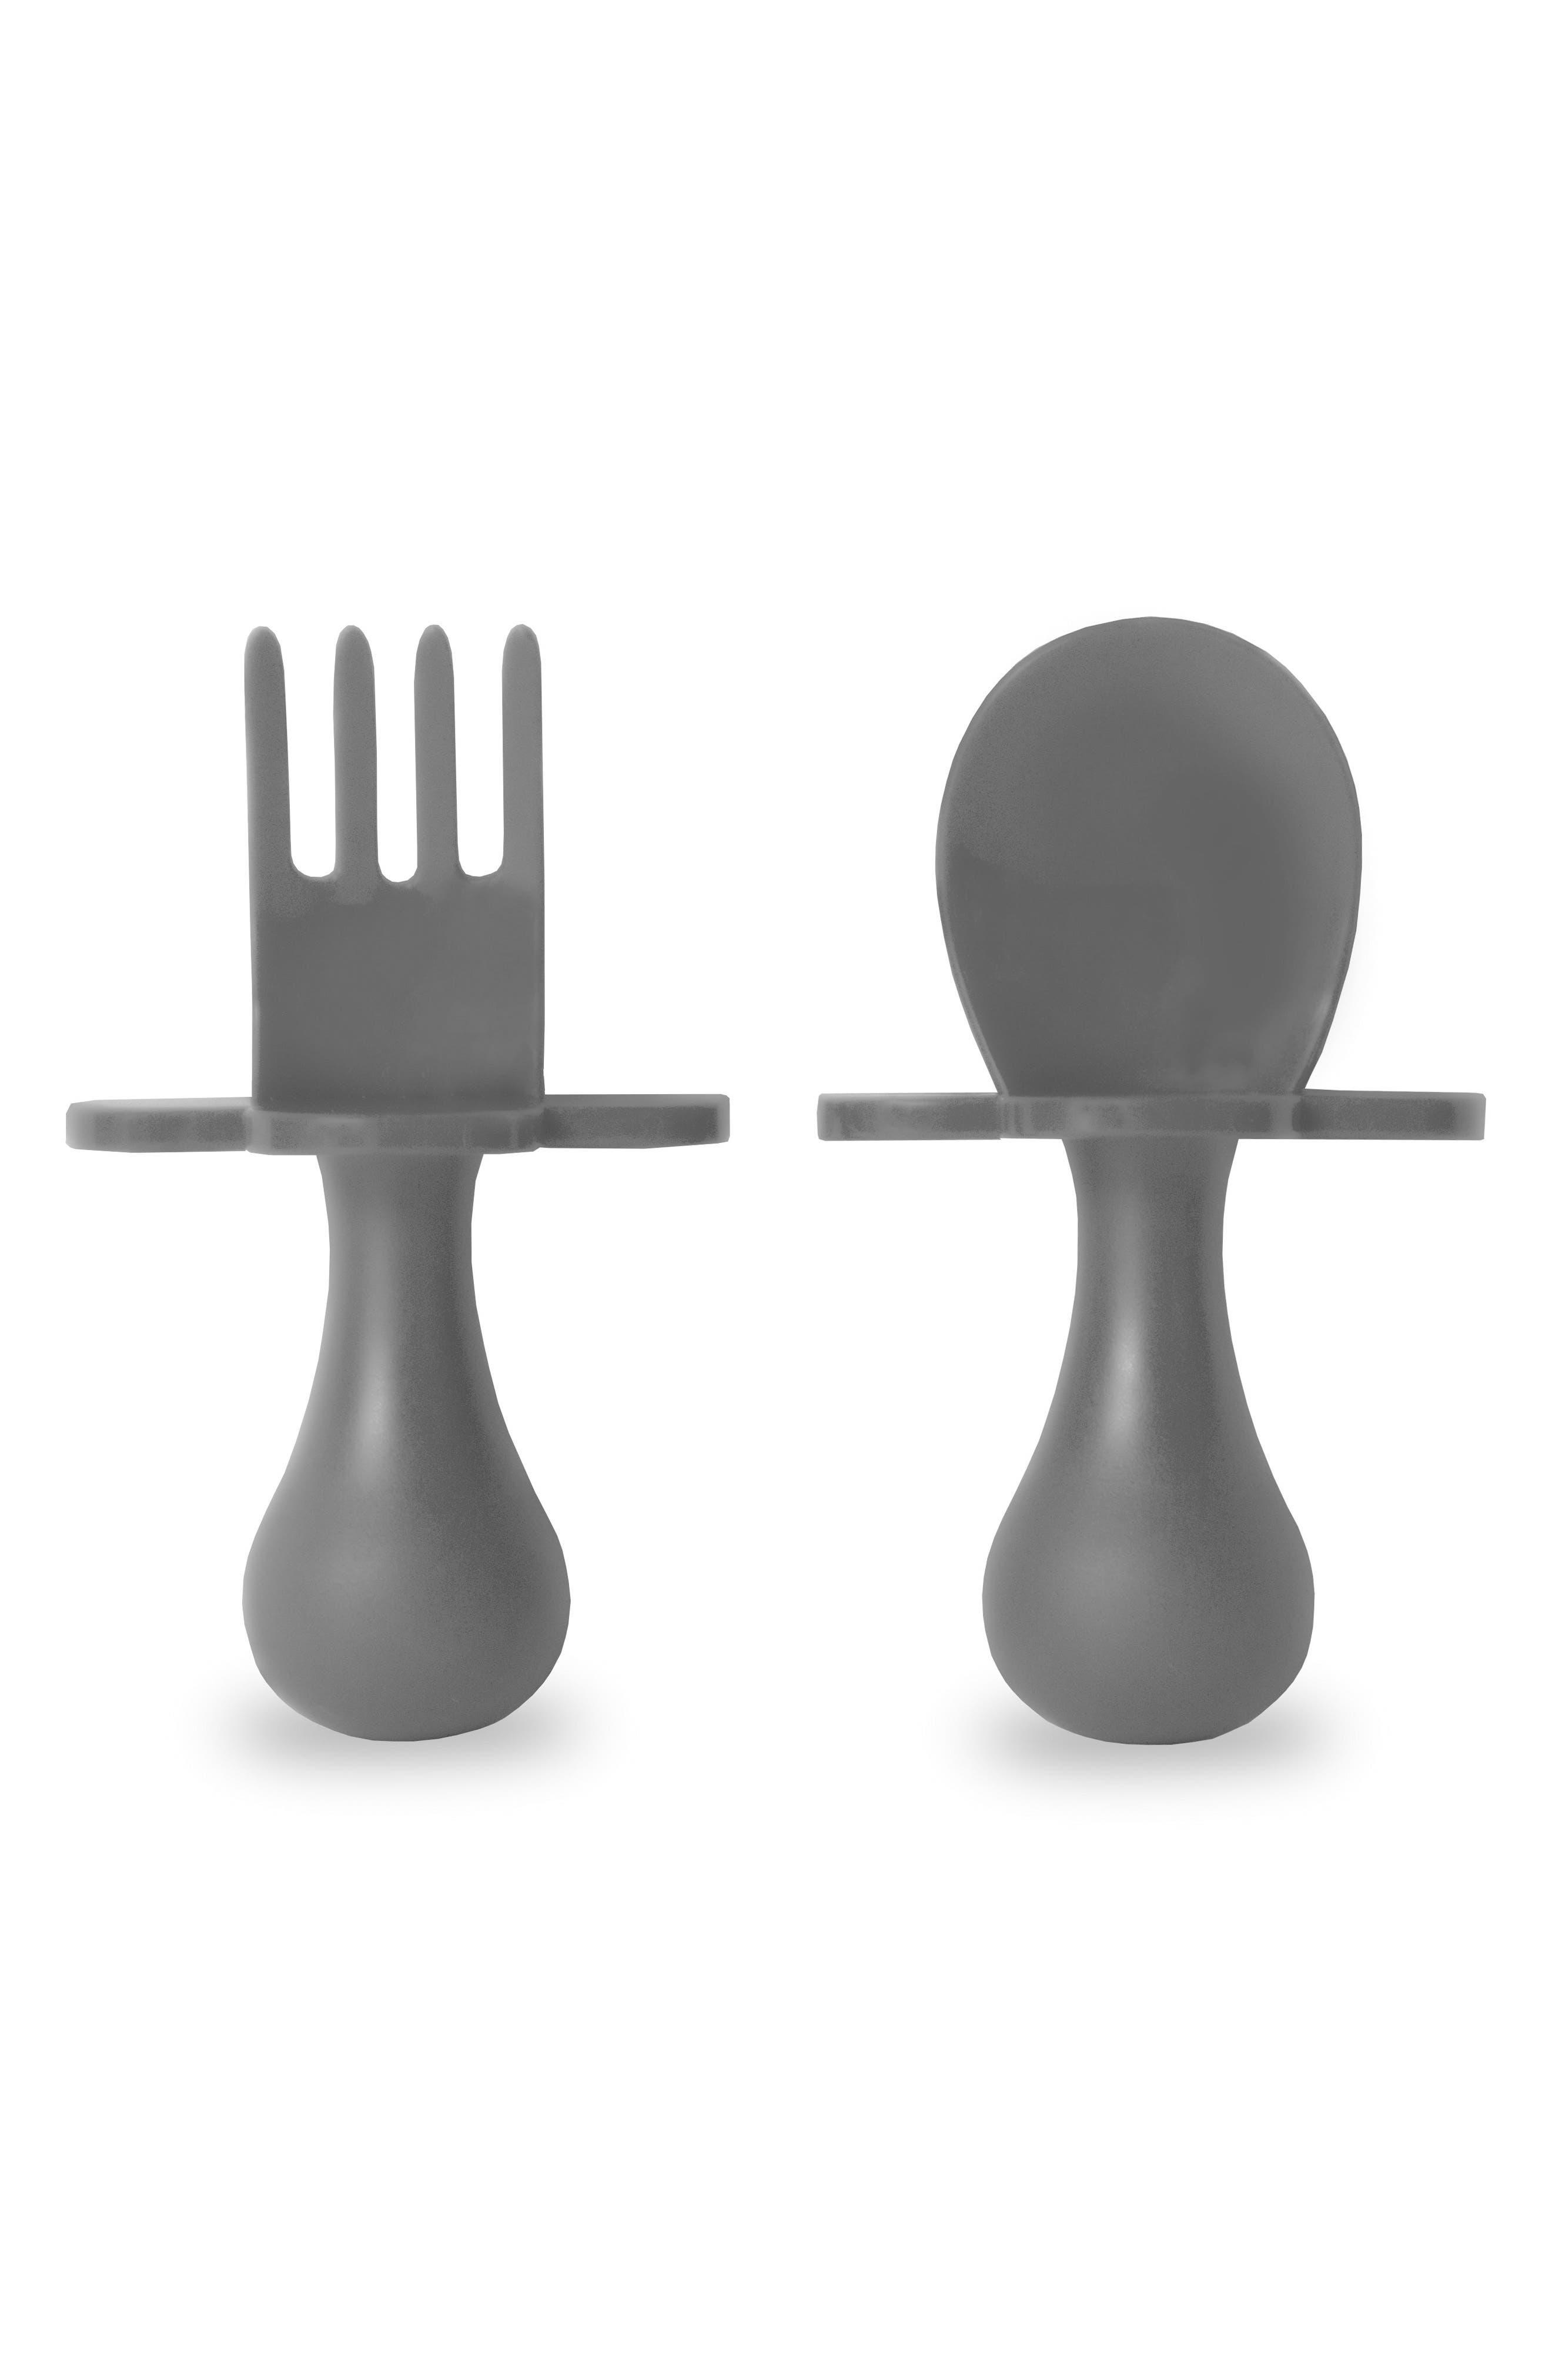 Self Feeding Fork & Spoon Set,                             Main thumbnail 1, color,                             020